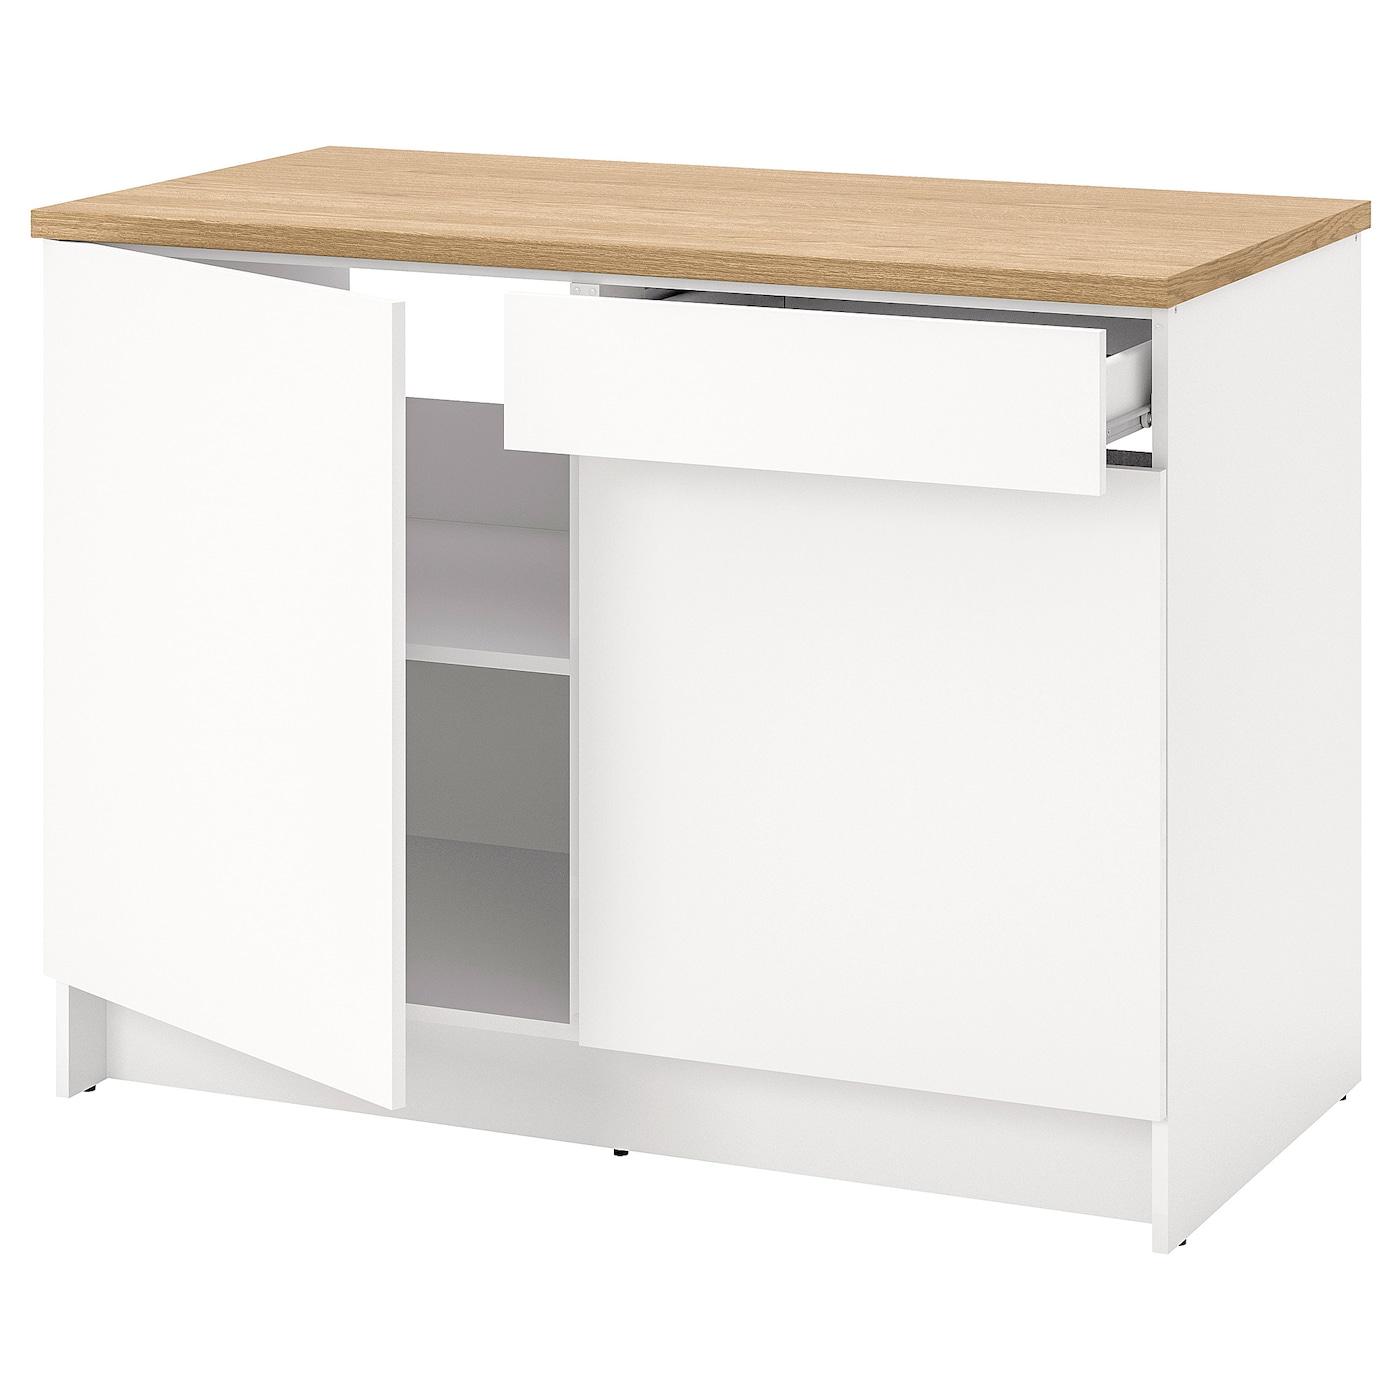 Knoxhult Élément Bas Avec Portes Et Tiroir - Blanc 120 Cm à Meuble Sous Évier 100 Cm - Ikea